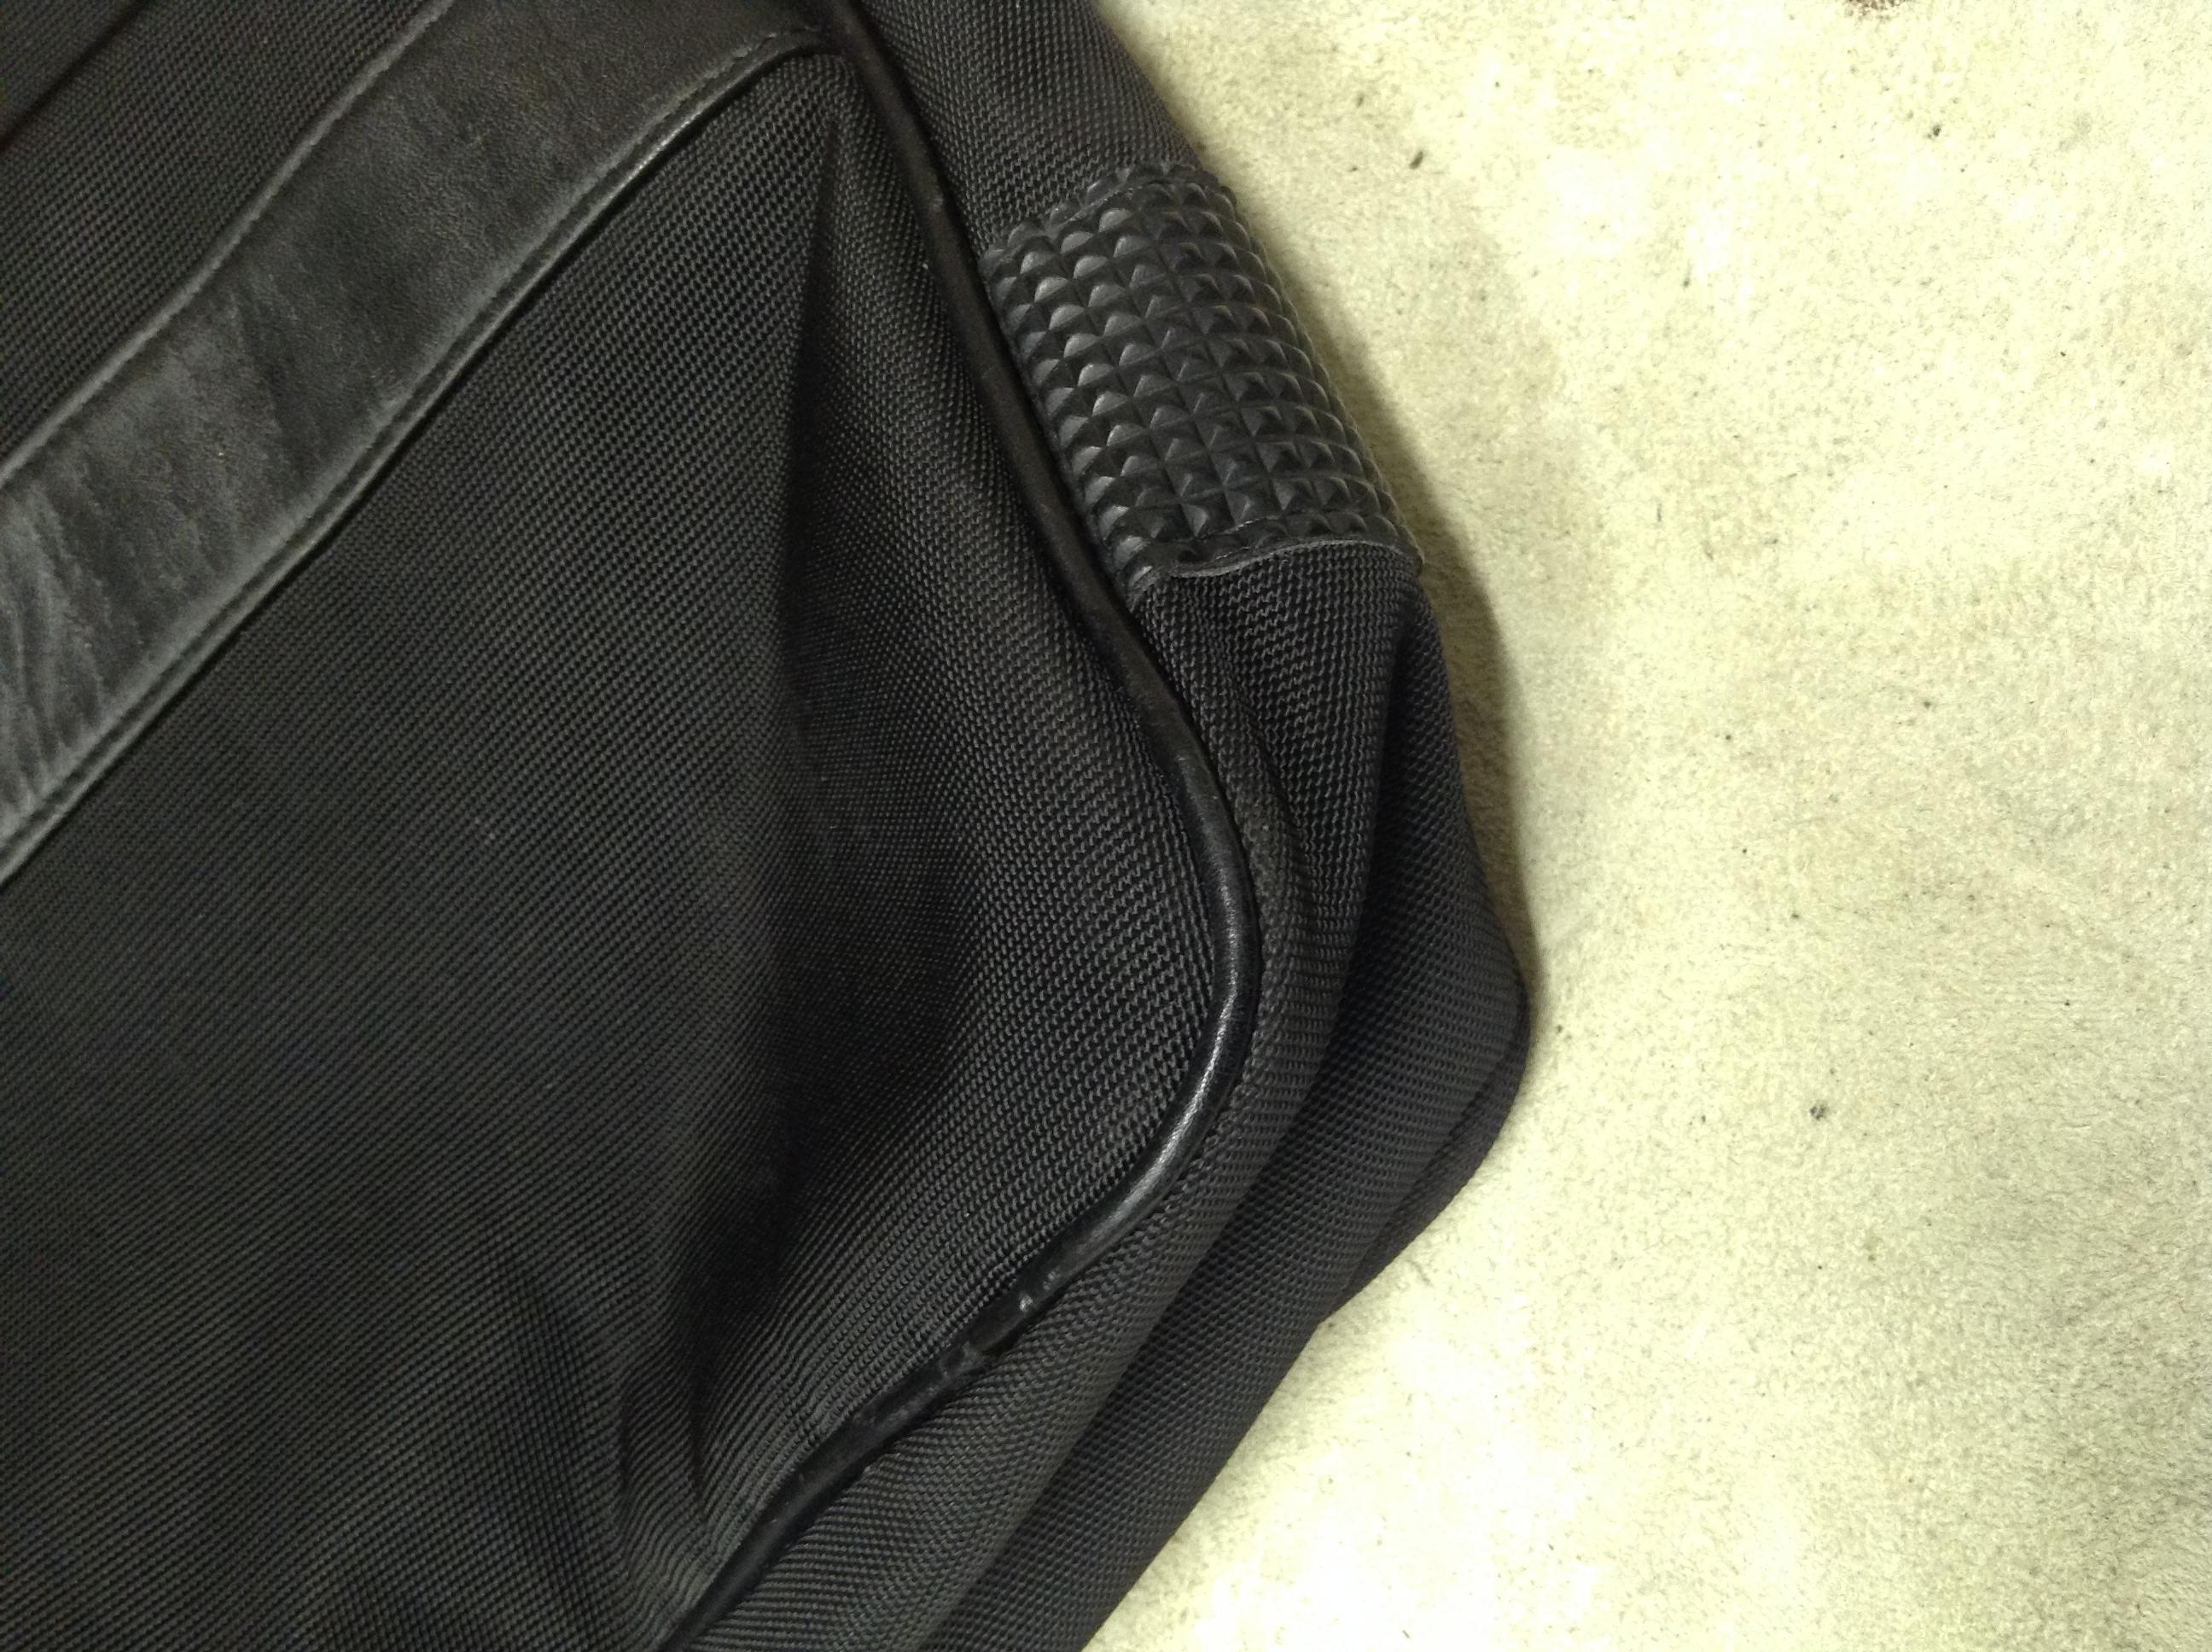 パイピング 鞄修理